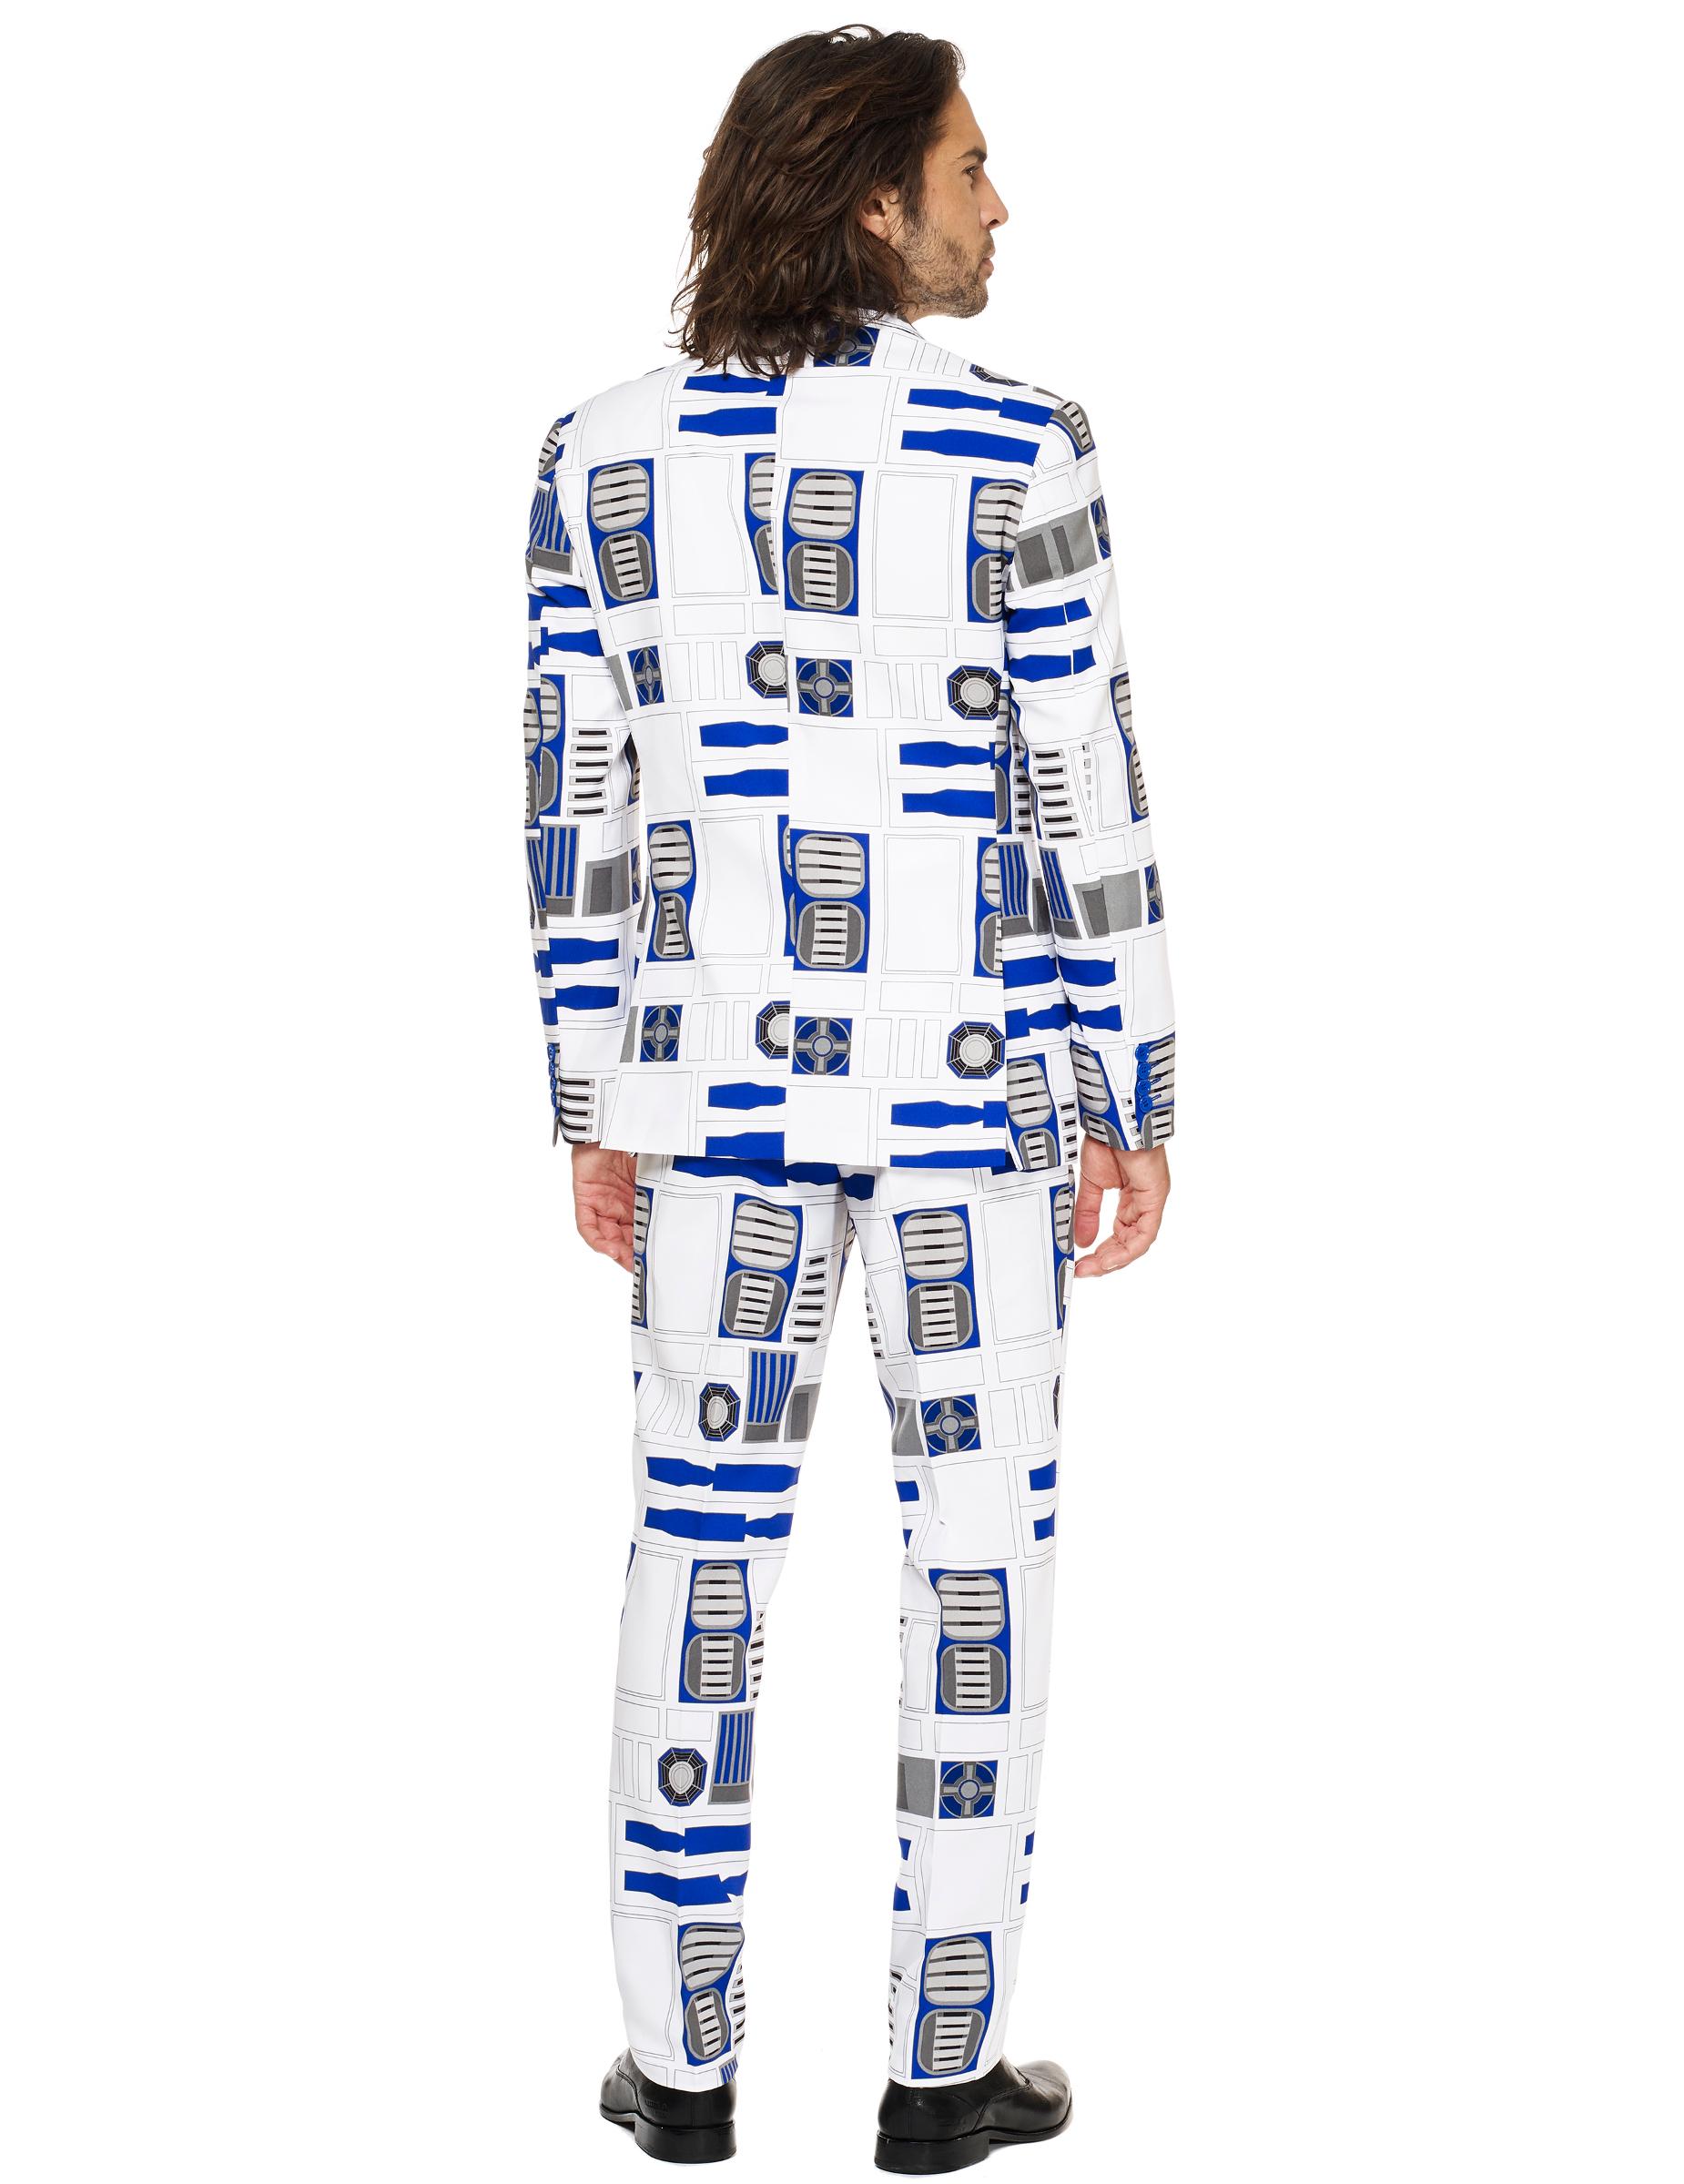 r2d2 anzug opposuits herrenanzug weiss blau grau g nstige faschings kost me bei karneval. Black Bedroom Furniture Sets. Home Design Ideas